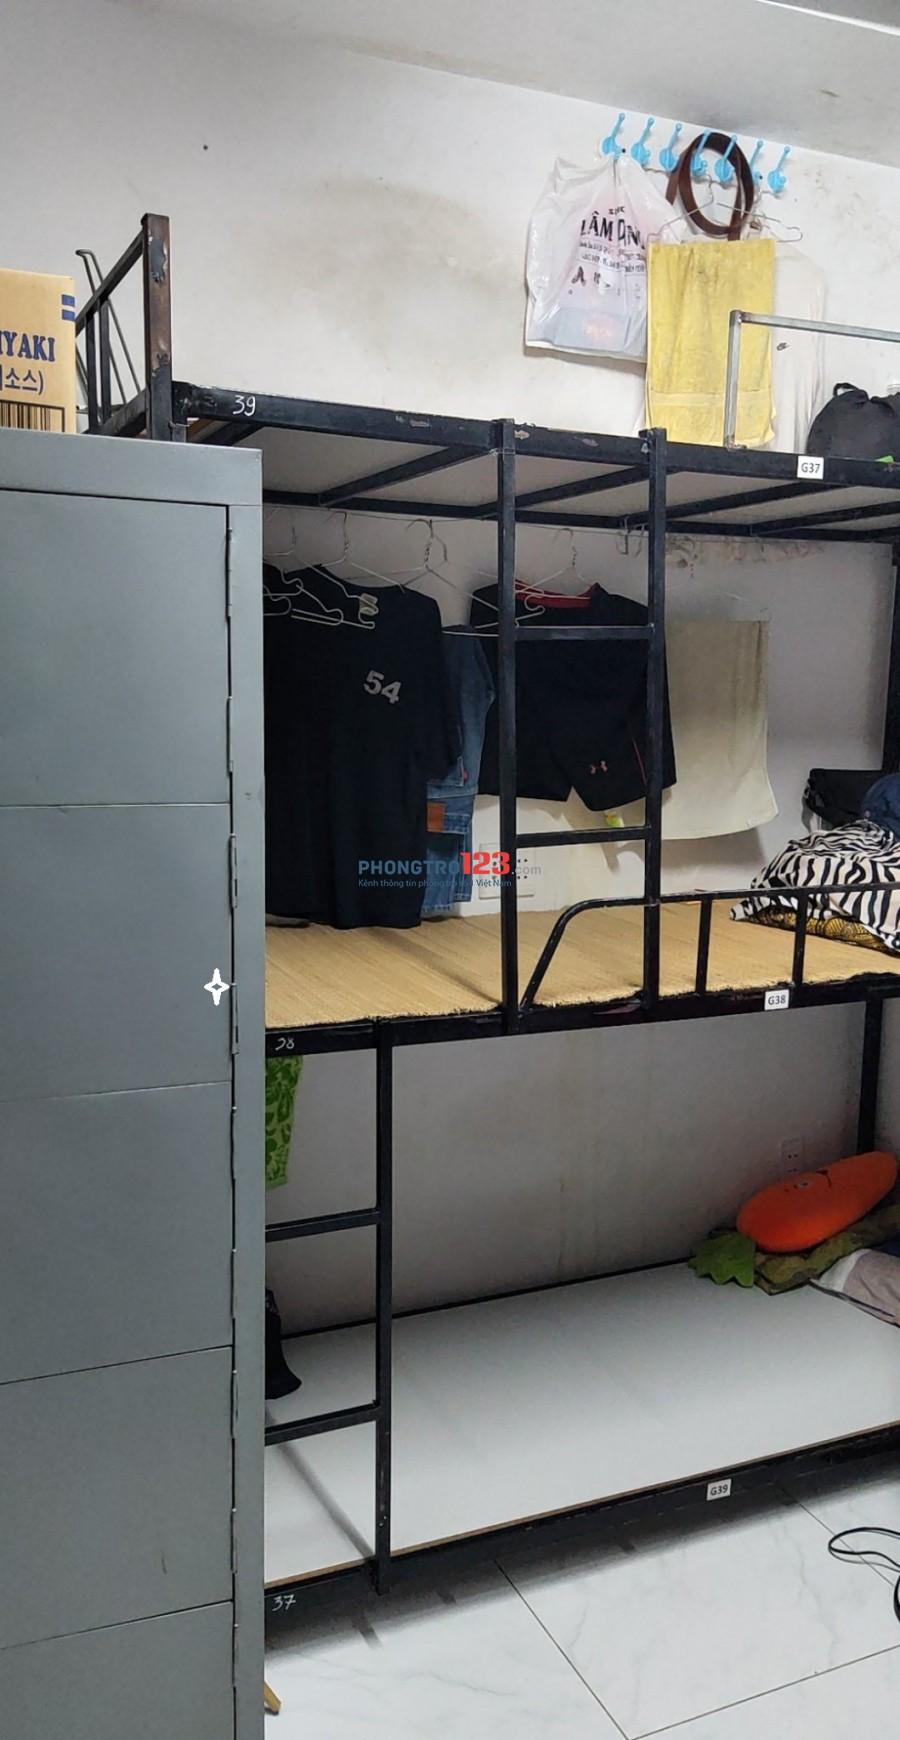 KTX máy lạnh bao tron gói quận Tân Bình gần sân bay